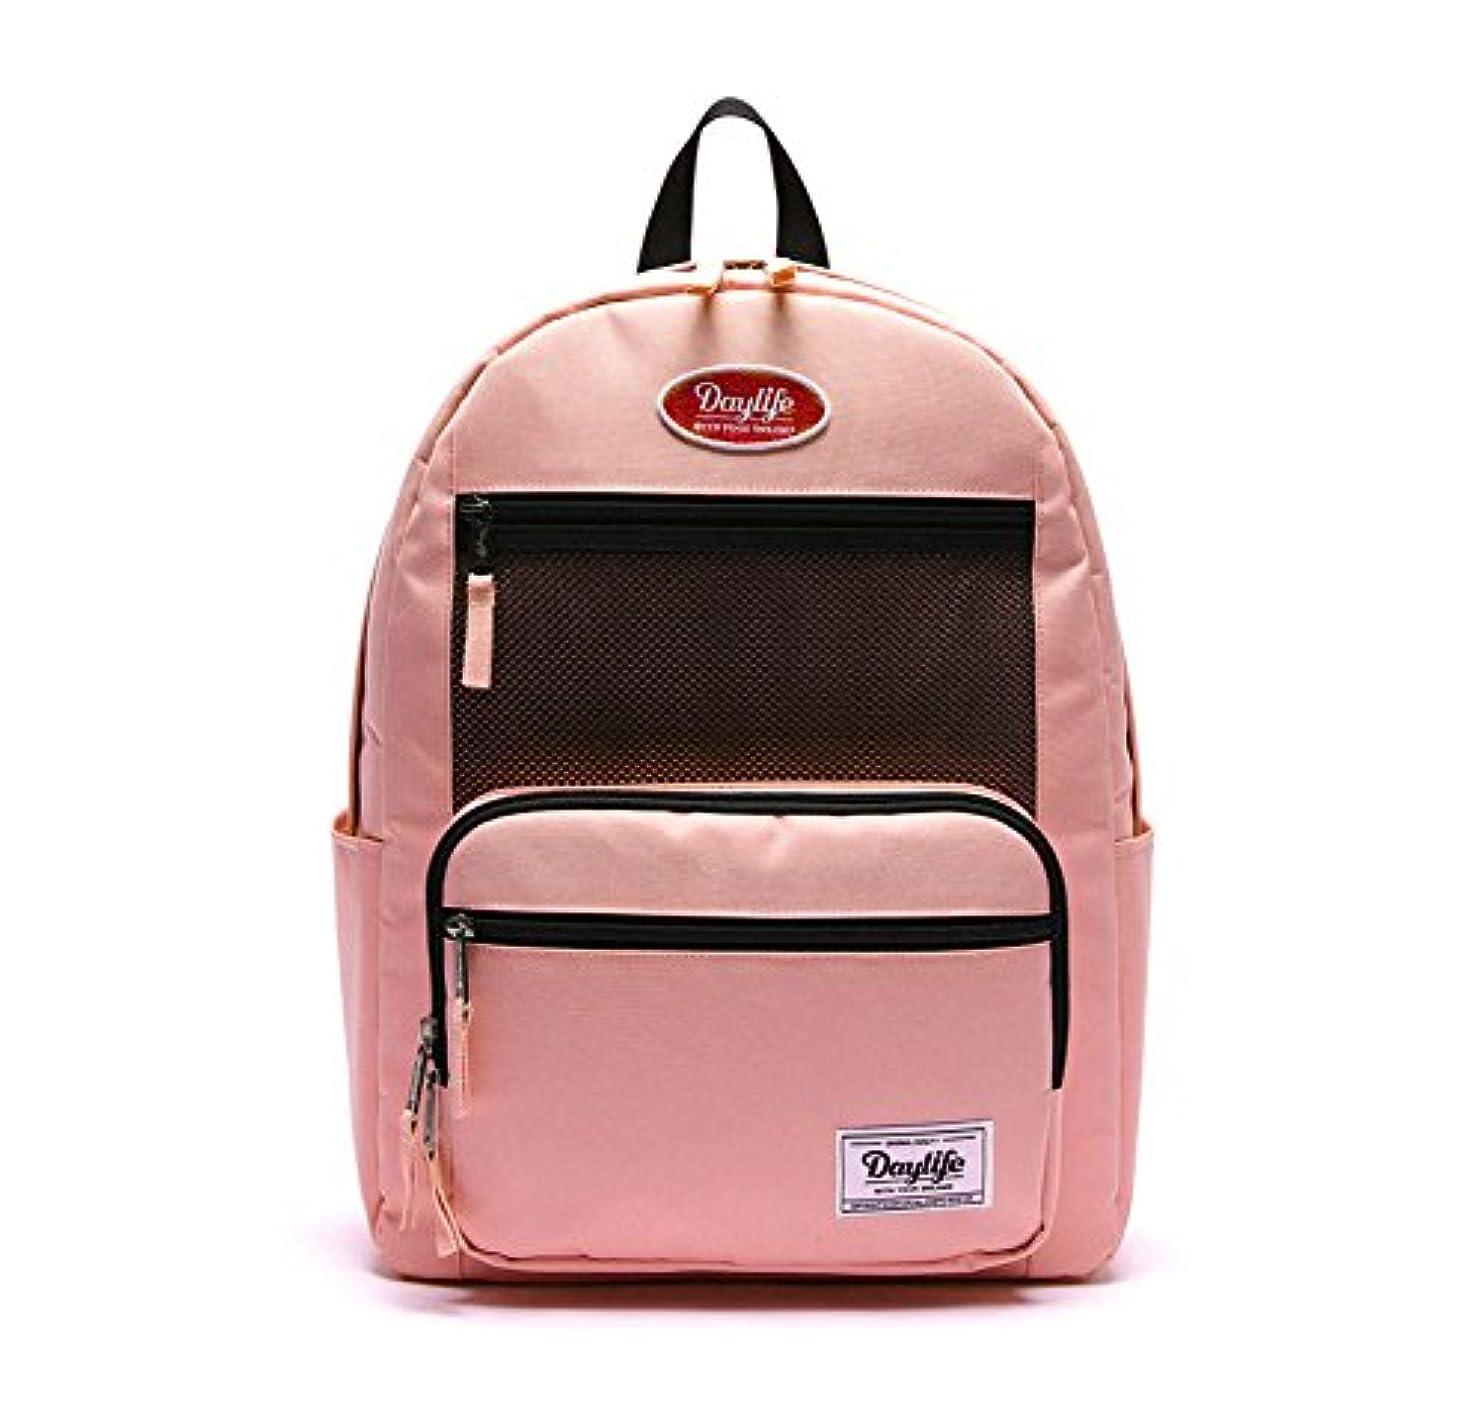 飲み込む口愛撫[デーライフ] Daylife Layer Plus Backpack メッシュ バックパック かわいい リュック 女子高生 旅行バッグ [並行輸入品] (ベビーピンク)